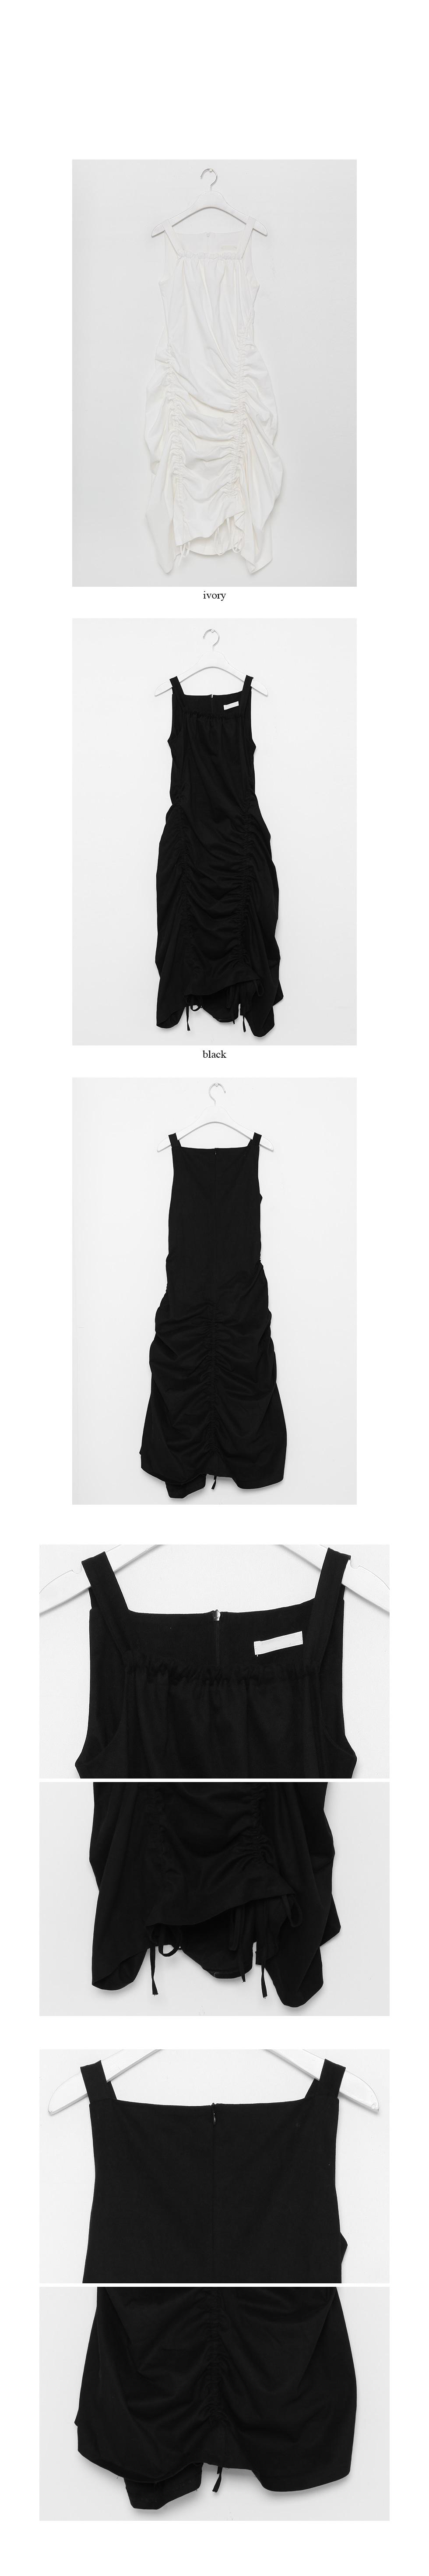 sensual drape dress